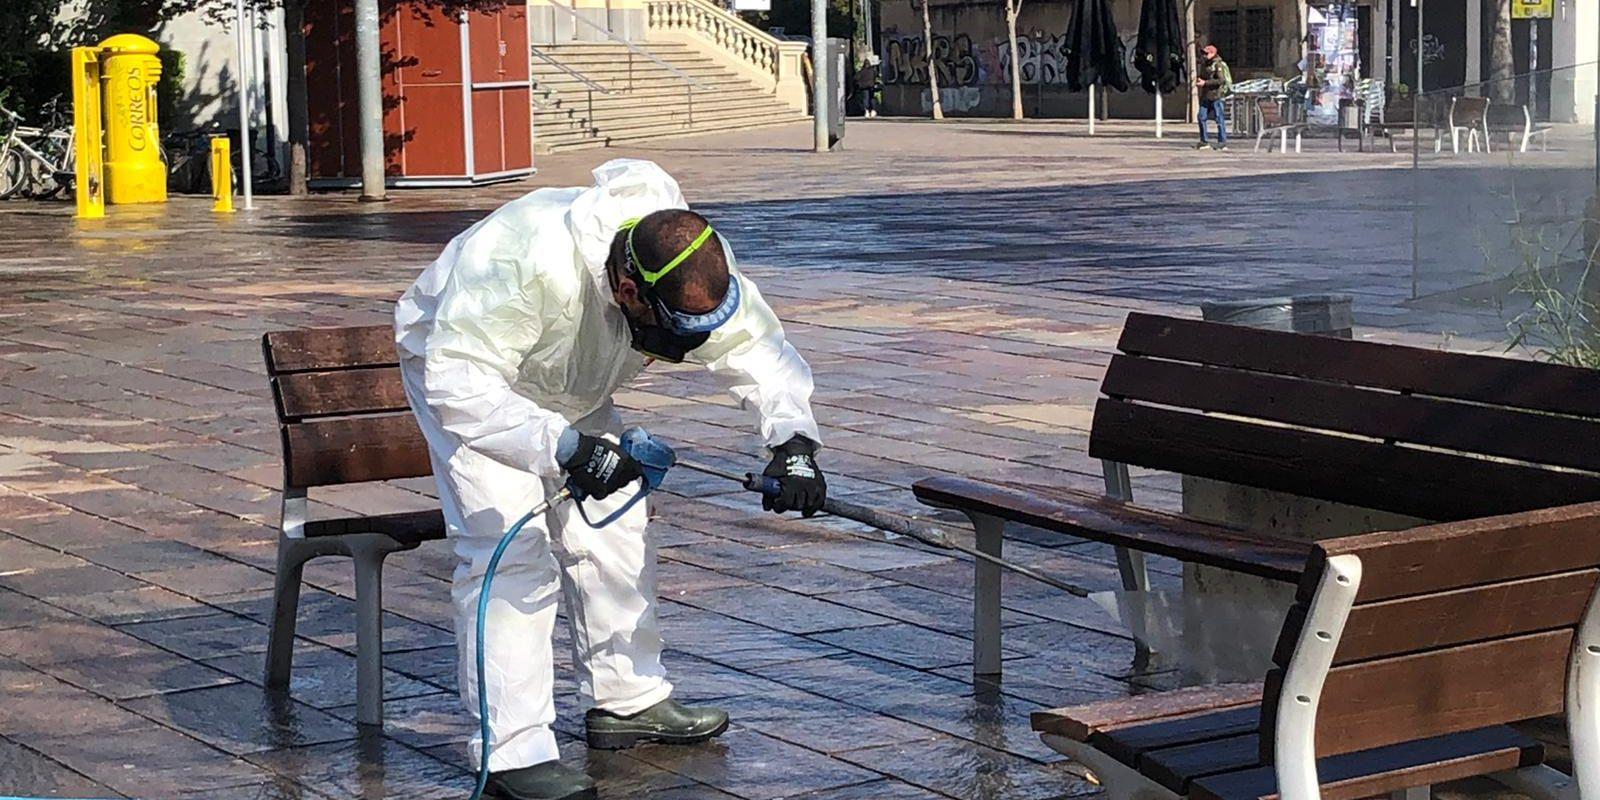 Mentre molts eren a casa, altres s'encarregaven de desinfectar tots els espais. FOTO: Ajuntament